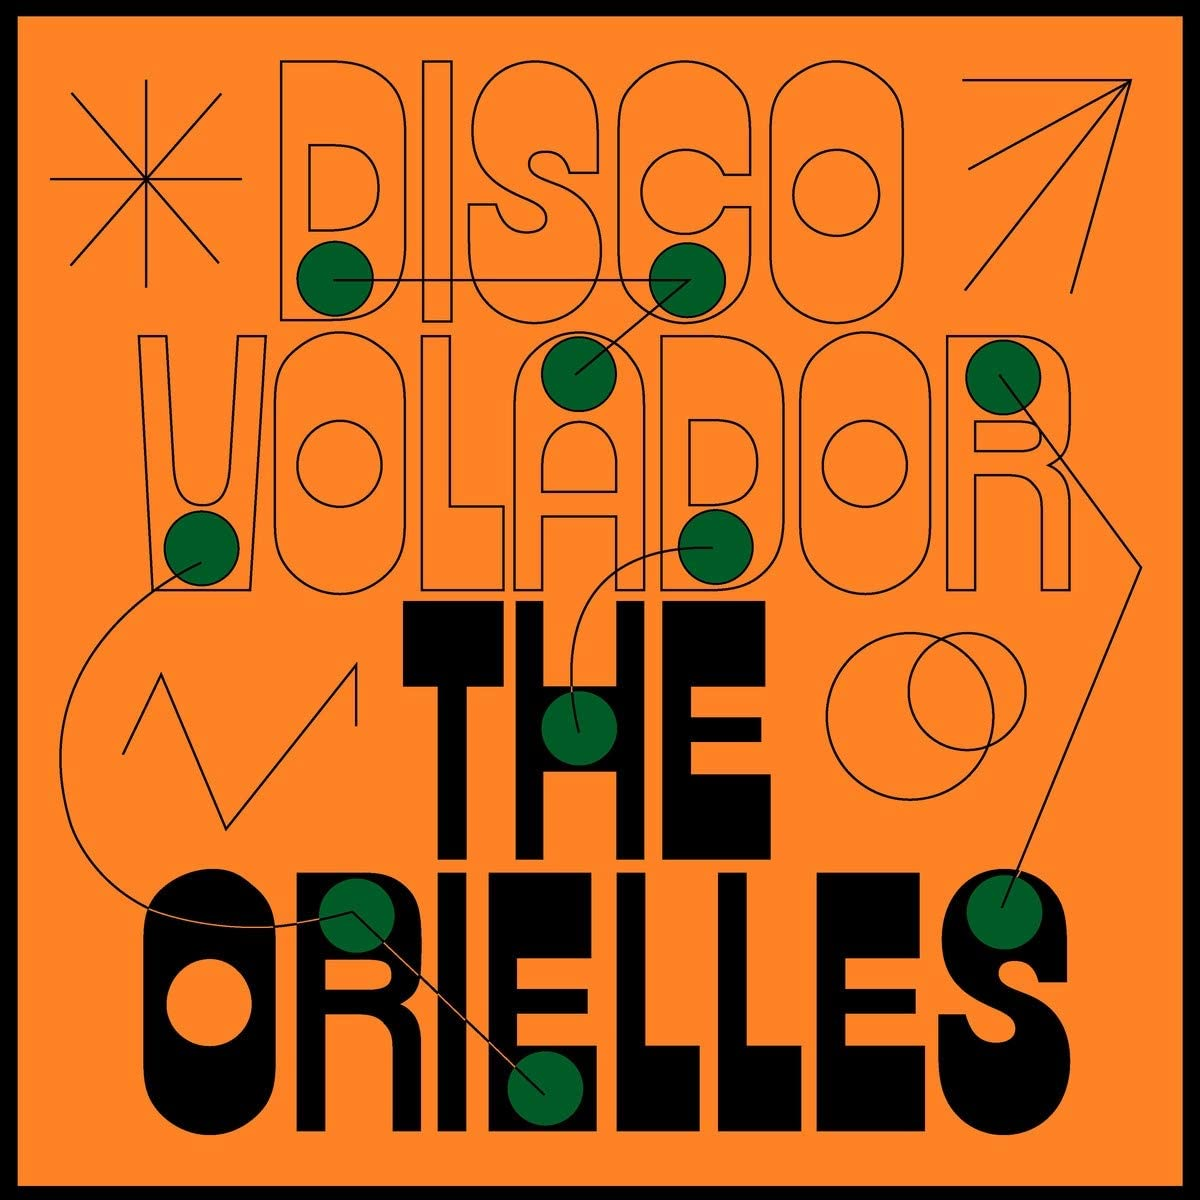 Copertina Vinile 33 giri Disco Volador di The Orielles